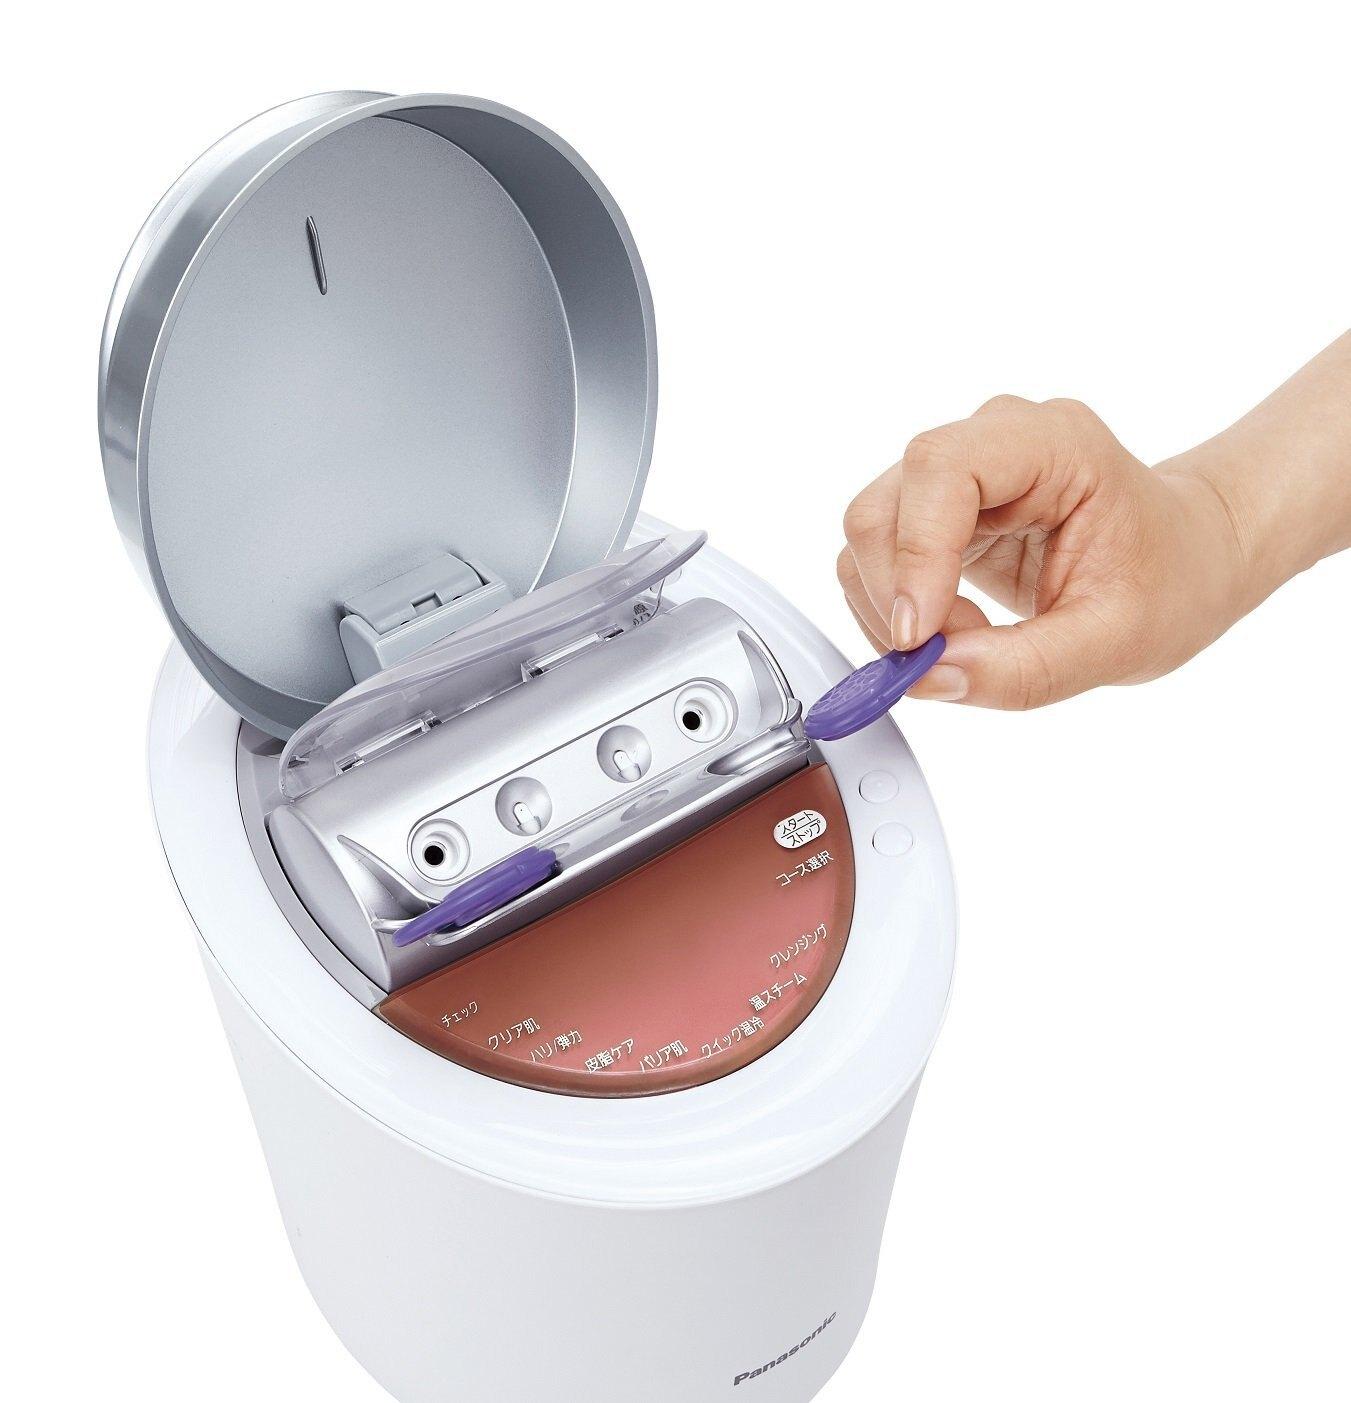 日本 國際牌  日本原裝 Panasonic EH-SA97 國際牌 奈米 水離子 溫冷 蒸氣 香氛 蒸臉機 美膚器 美顏機